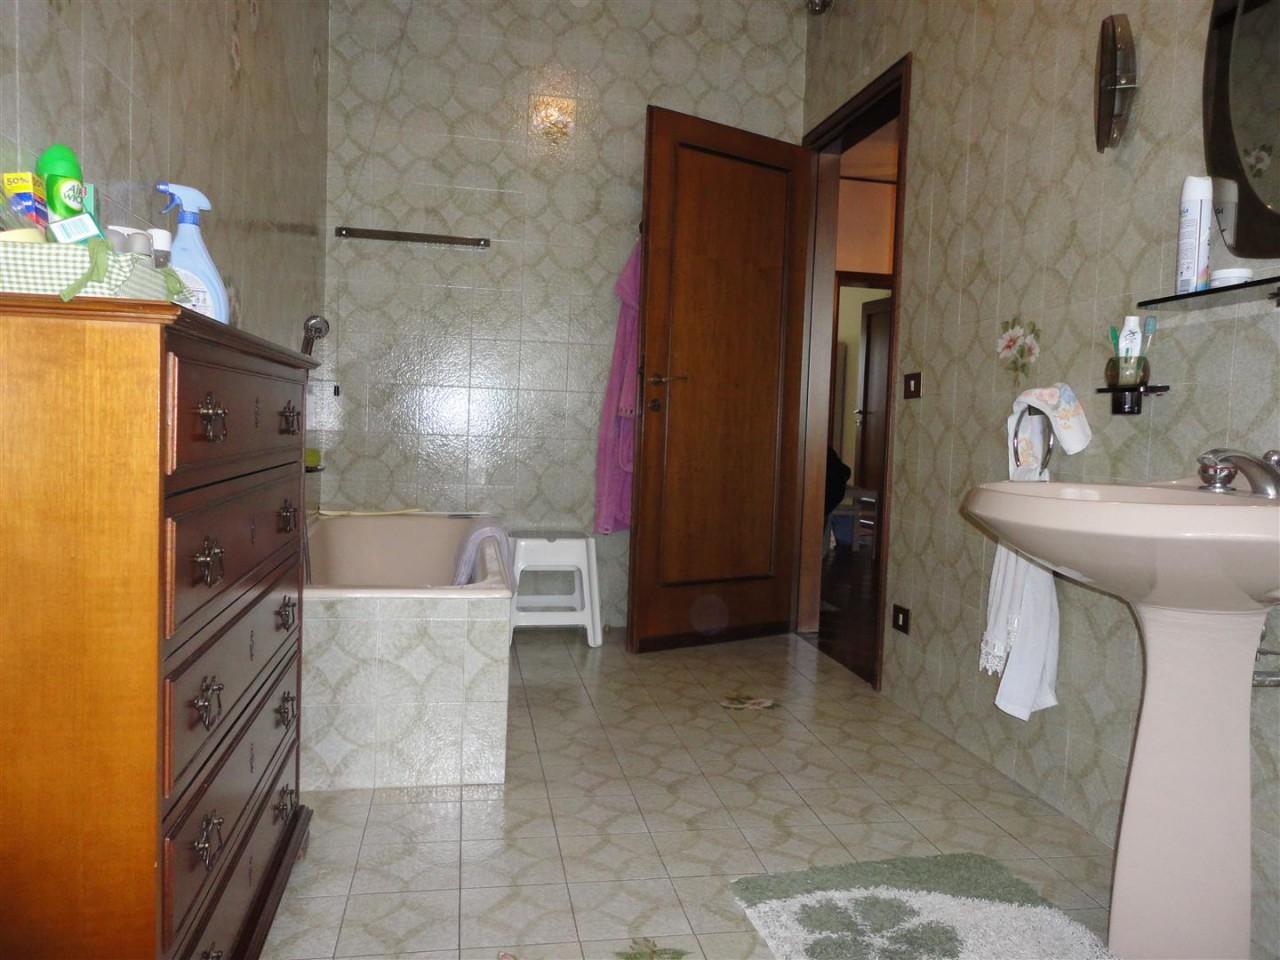 L446 Villa singola in vendita ad Abano Terme https://media.gestionaleimmobiliare.it/foto/annunci/180716/1818241/1280x1280/019__20_bagno_fin.jpg